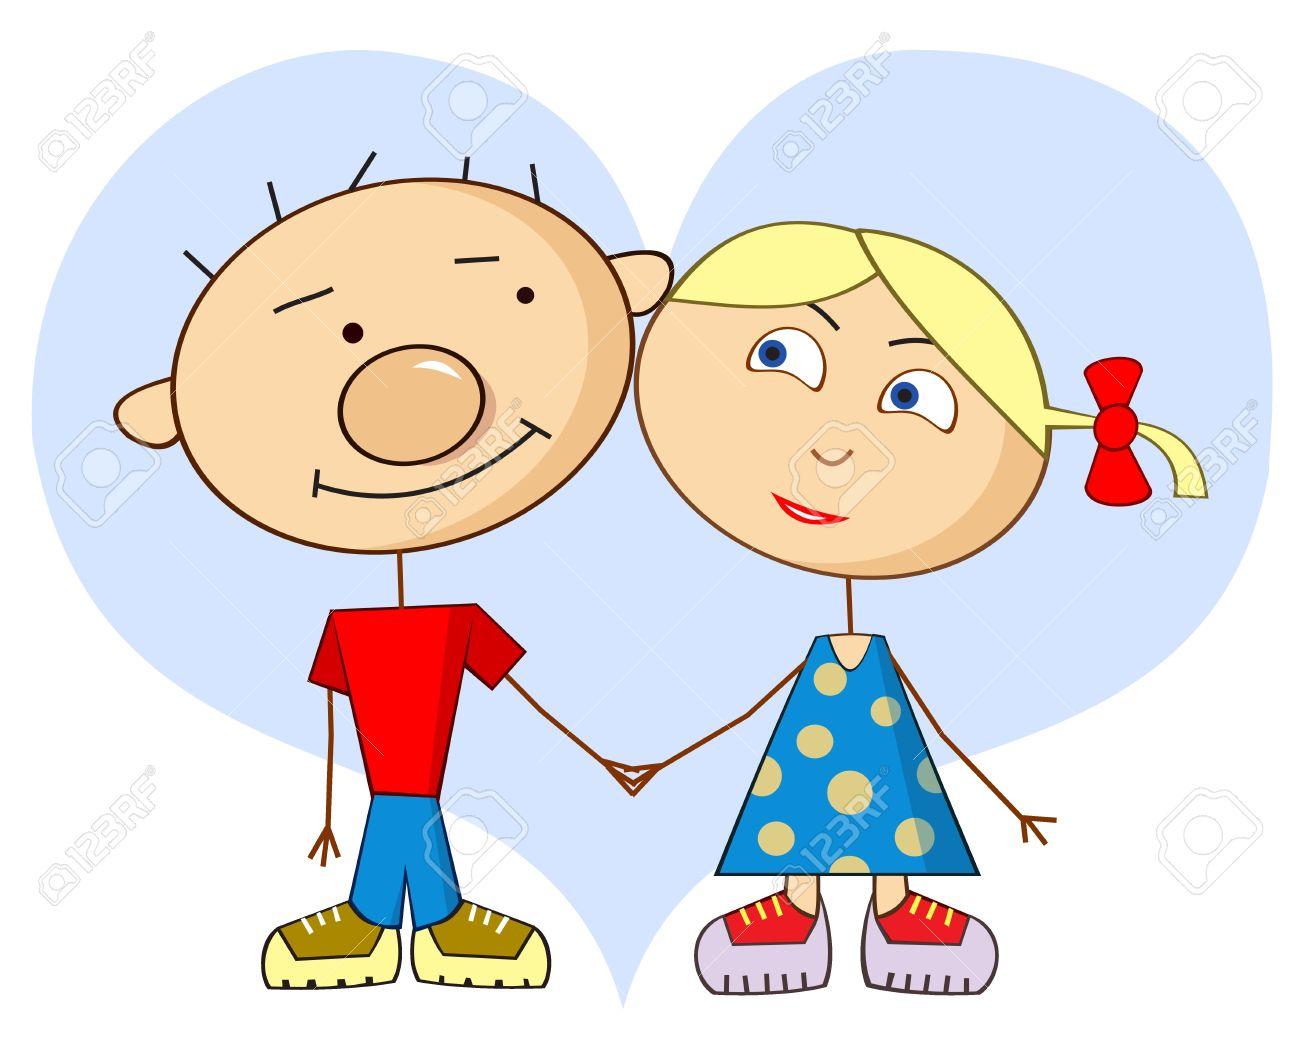 La Historieta Del Amor Arte Vectorial Ingenuo Personajes De Dibujos Animados Un Niño Y Una Niña Los Amantes En El Fondo Del Corazón